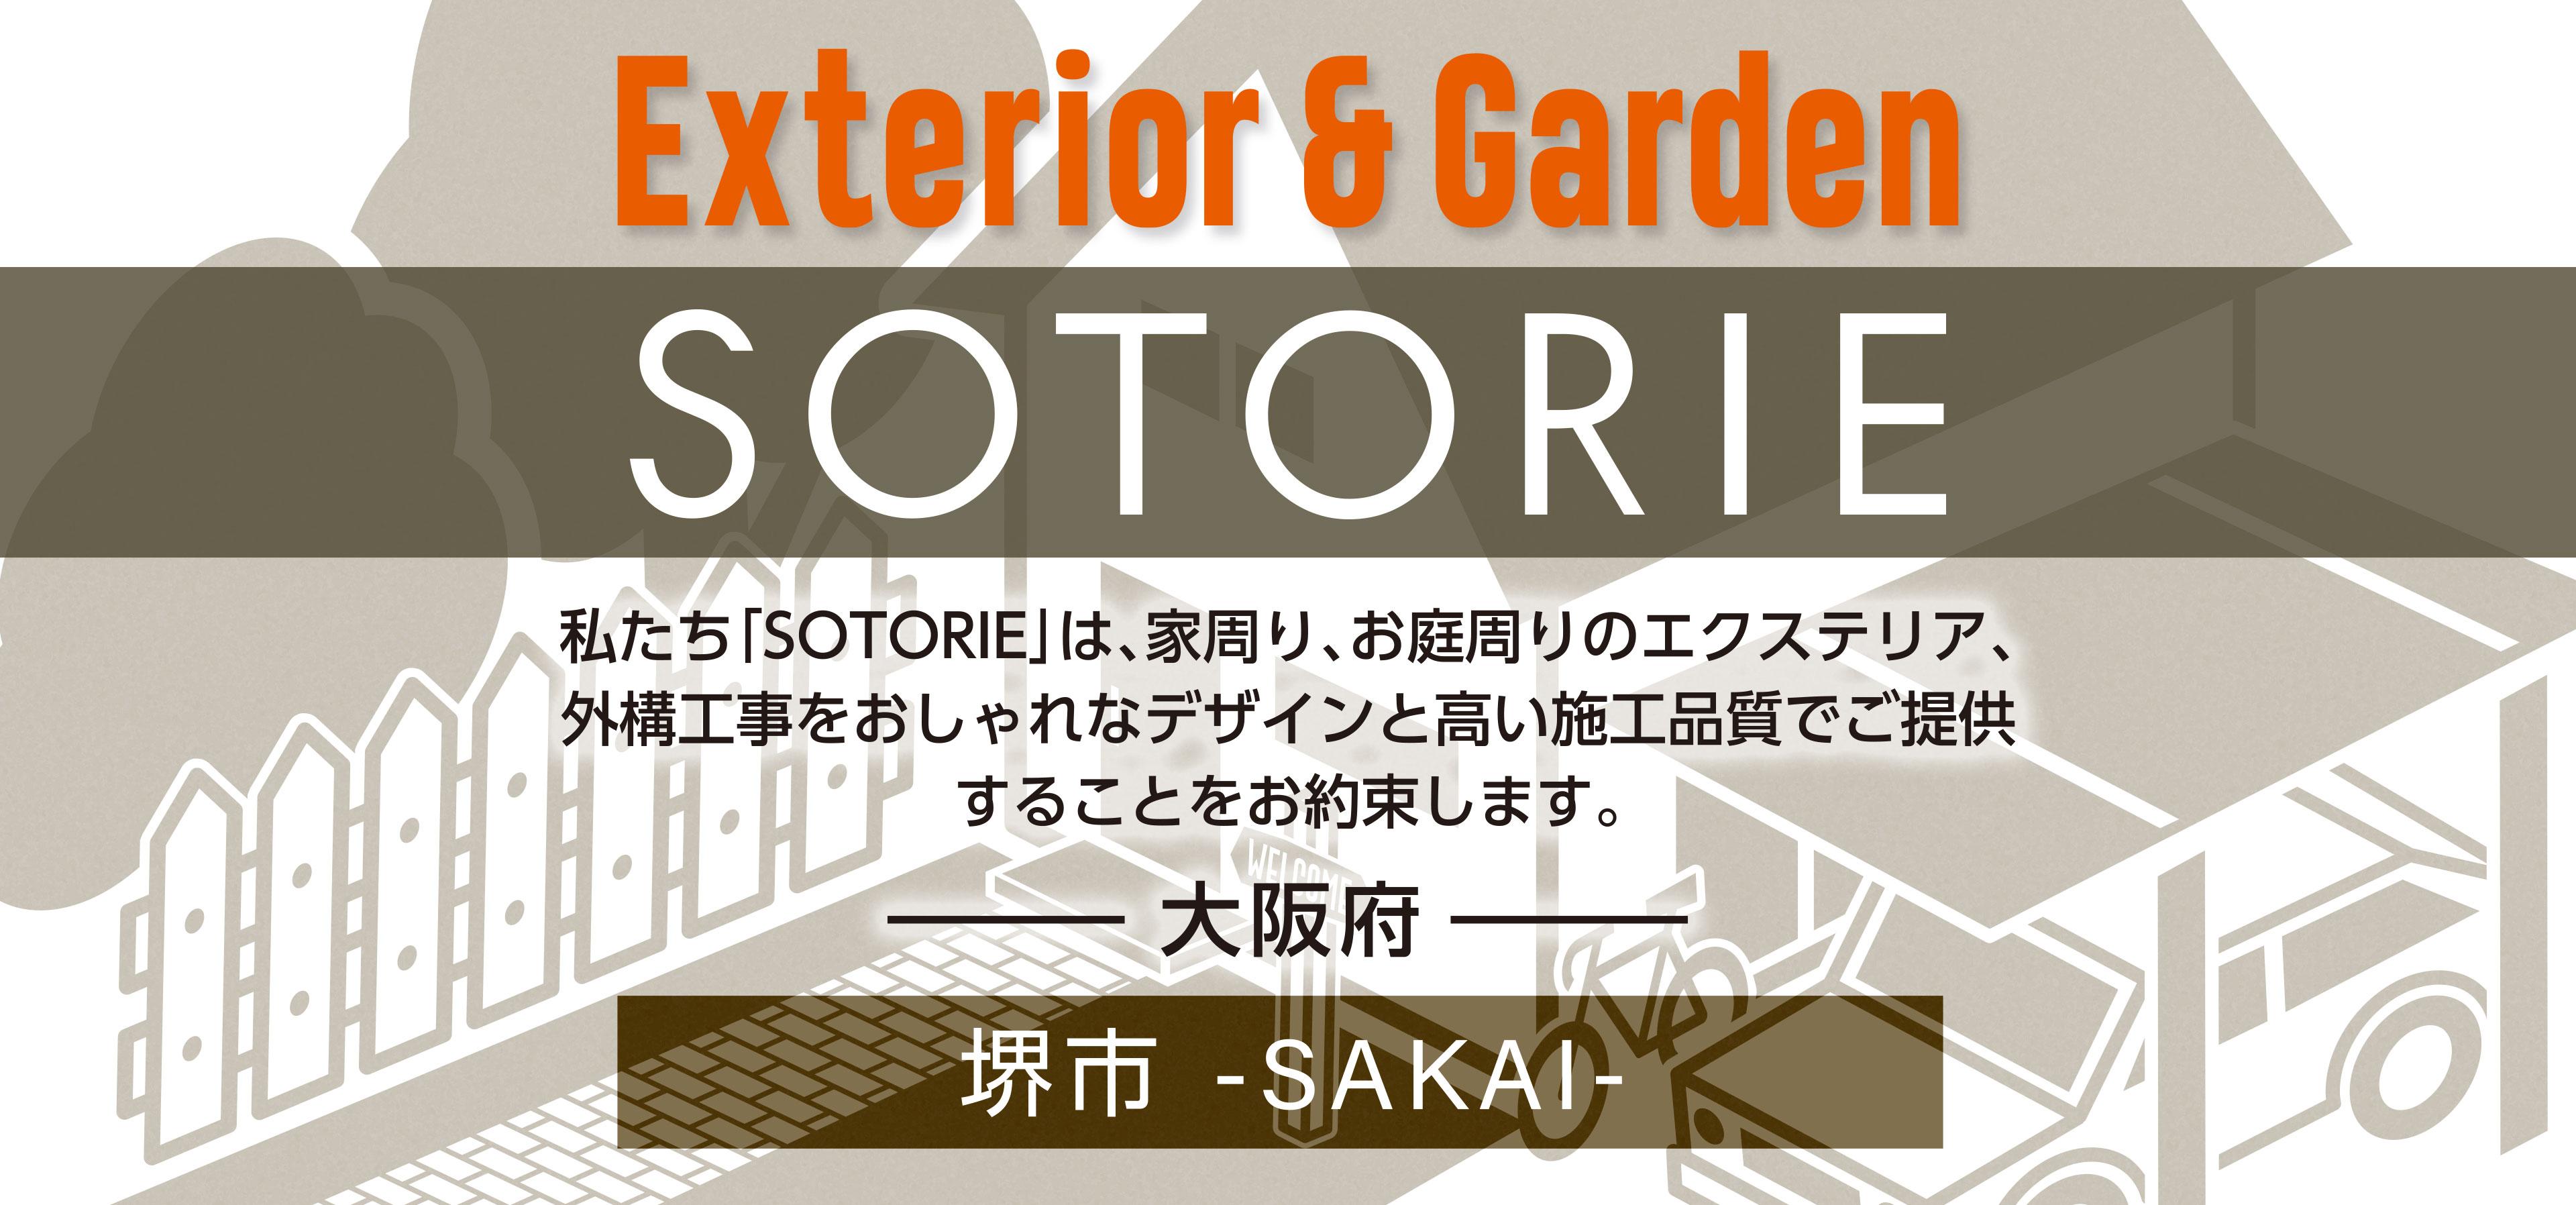 ソトリエ堺市では、家周りと庭周りの外構、エクステリア工事をおしゃれなデザインと高い施工品質でご提供することをお約束します。